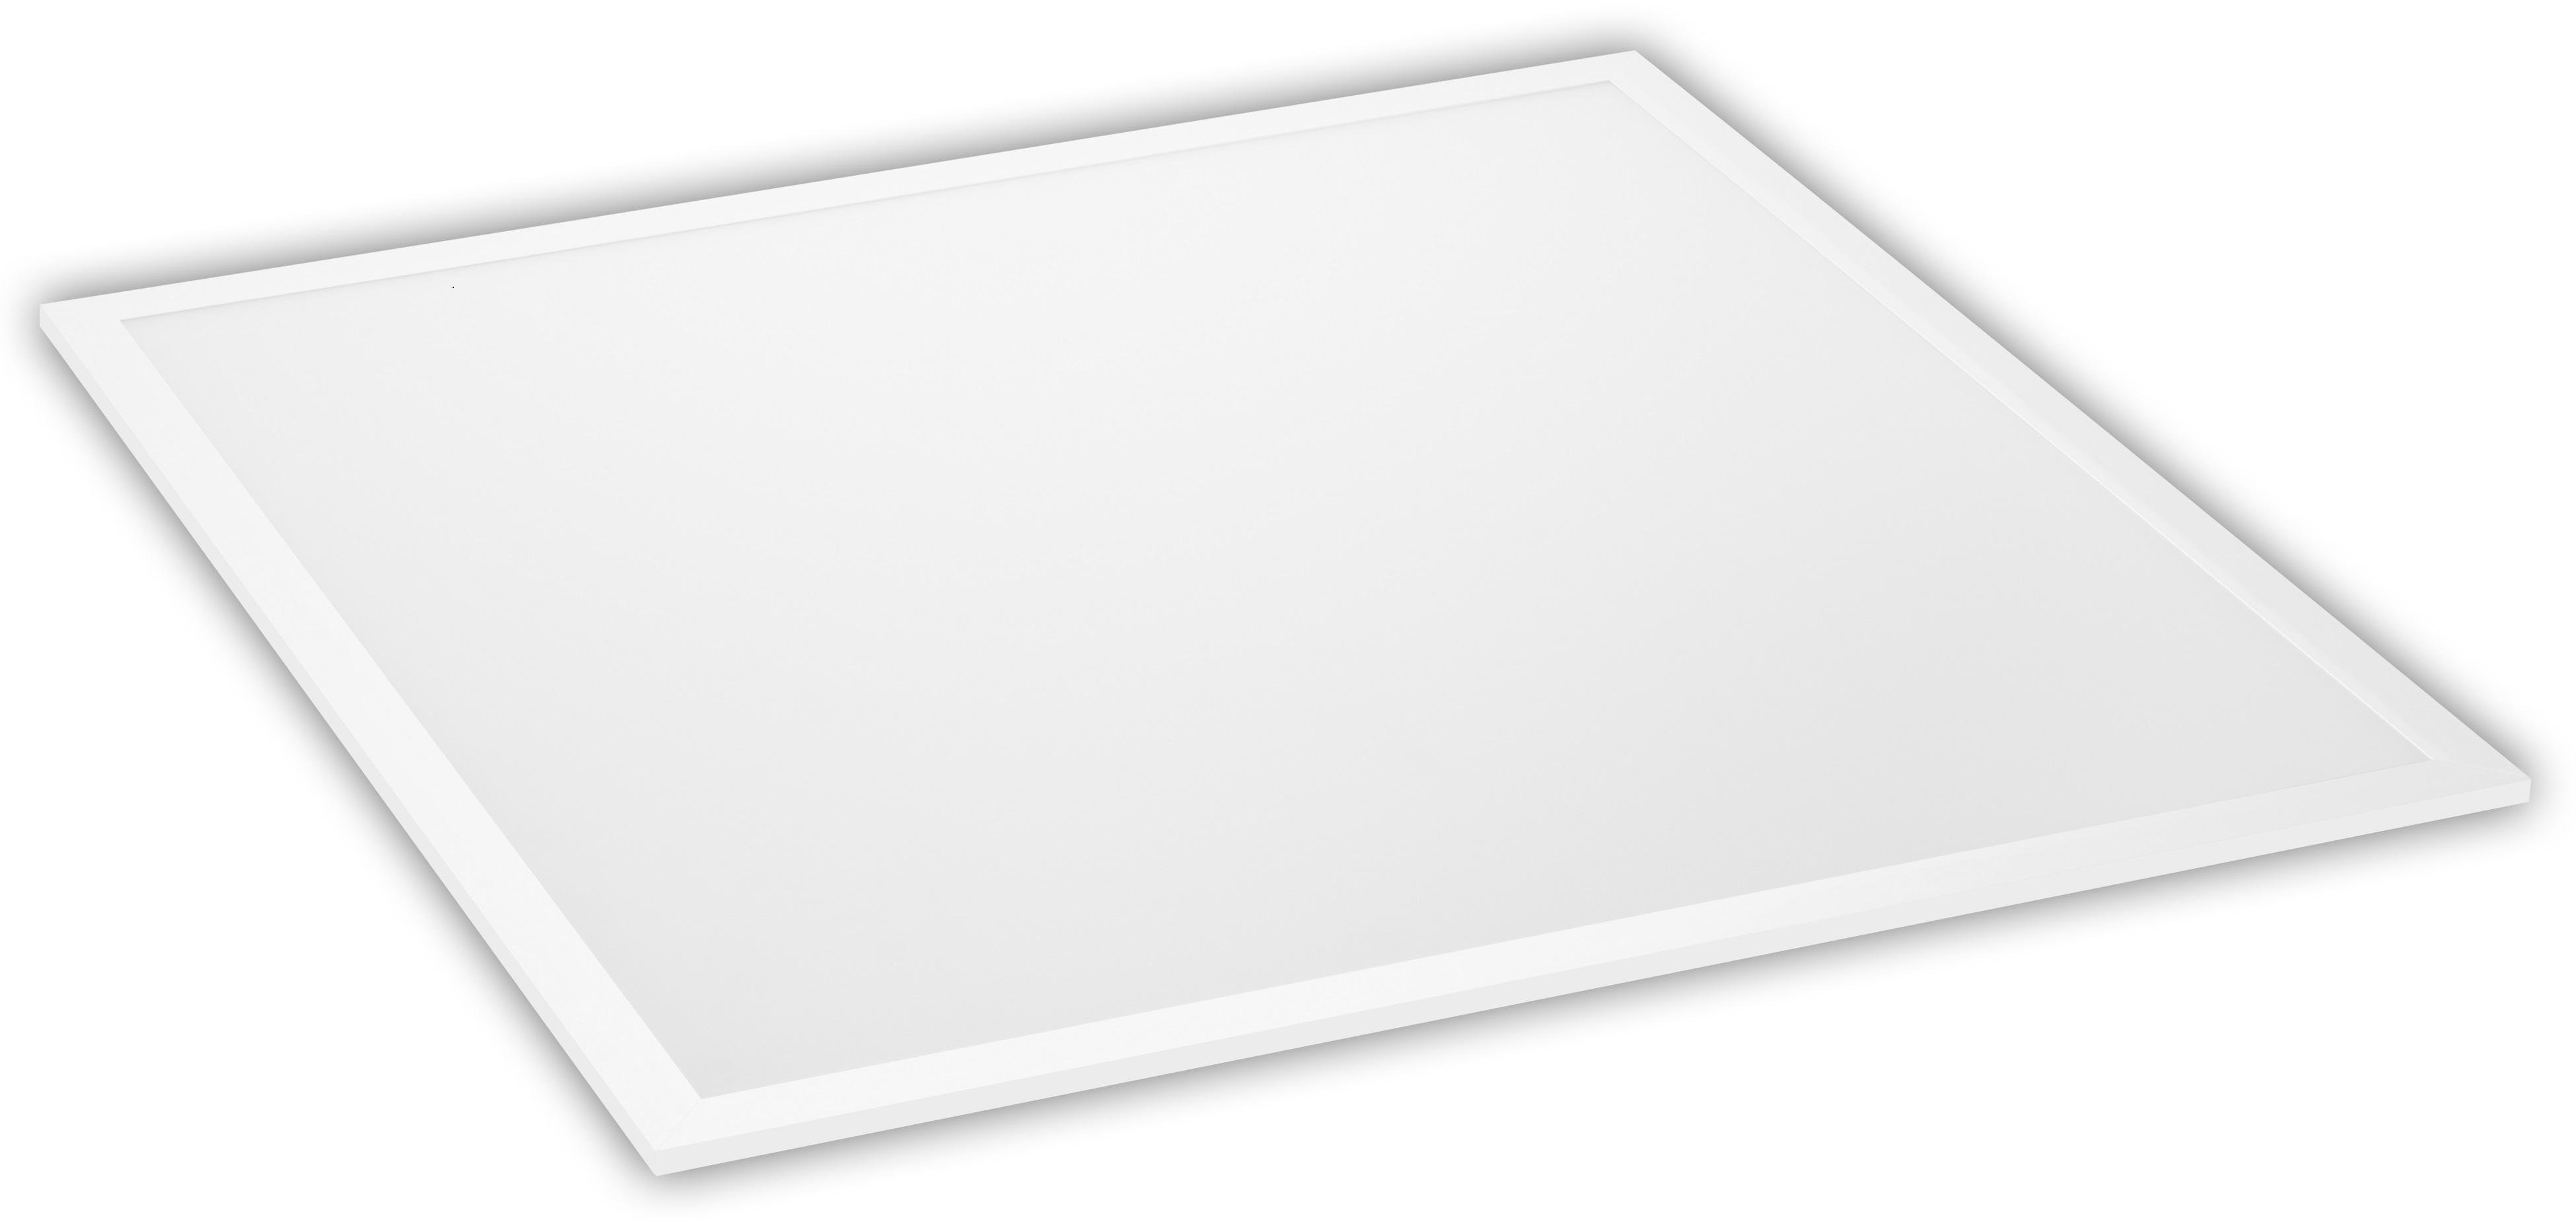 1 Stk LED Panel 623x623 4000lm/90d/840 1050mA, ohne Treiber LI29001241